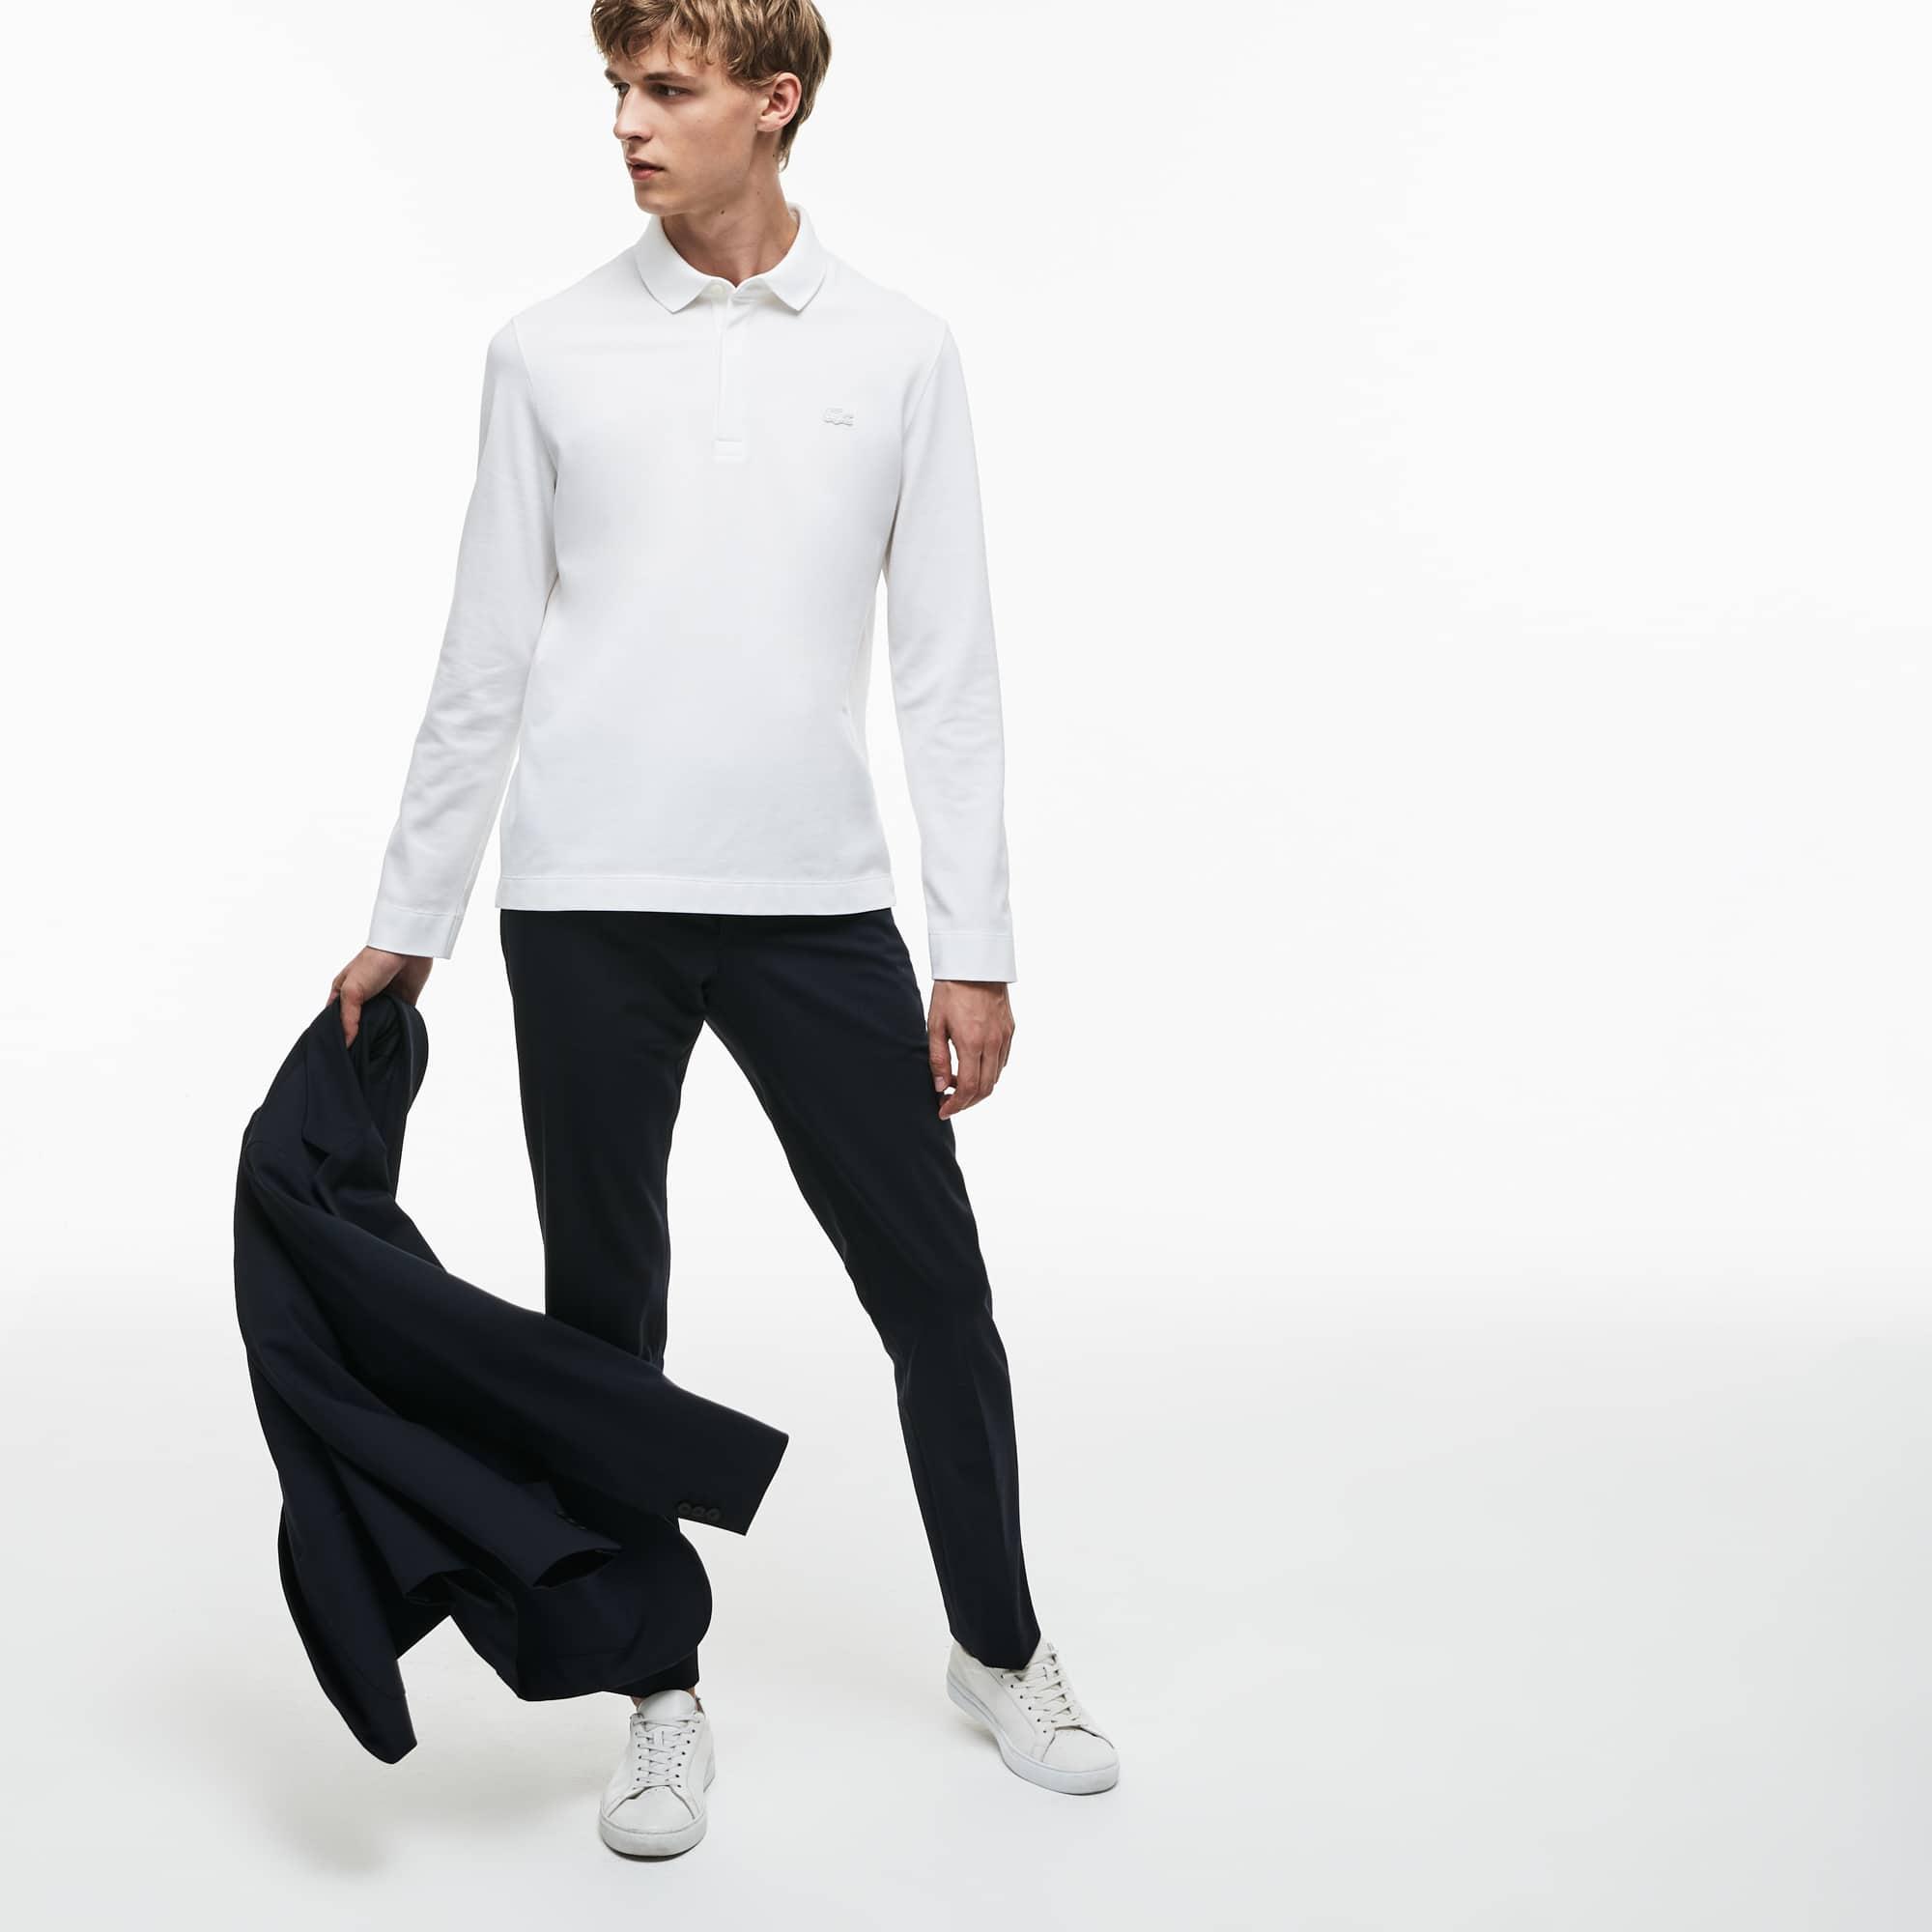 Lacoste - Paris Polo Regular Fit Lacoste à manches longues en piqué de coton stretch - 4